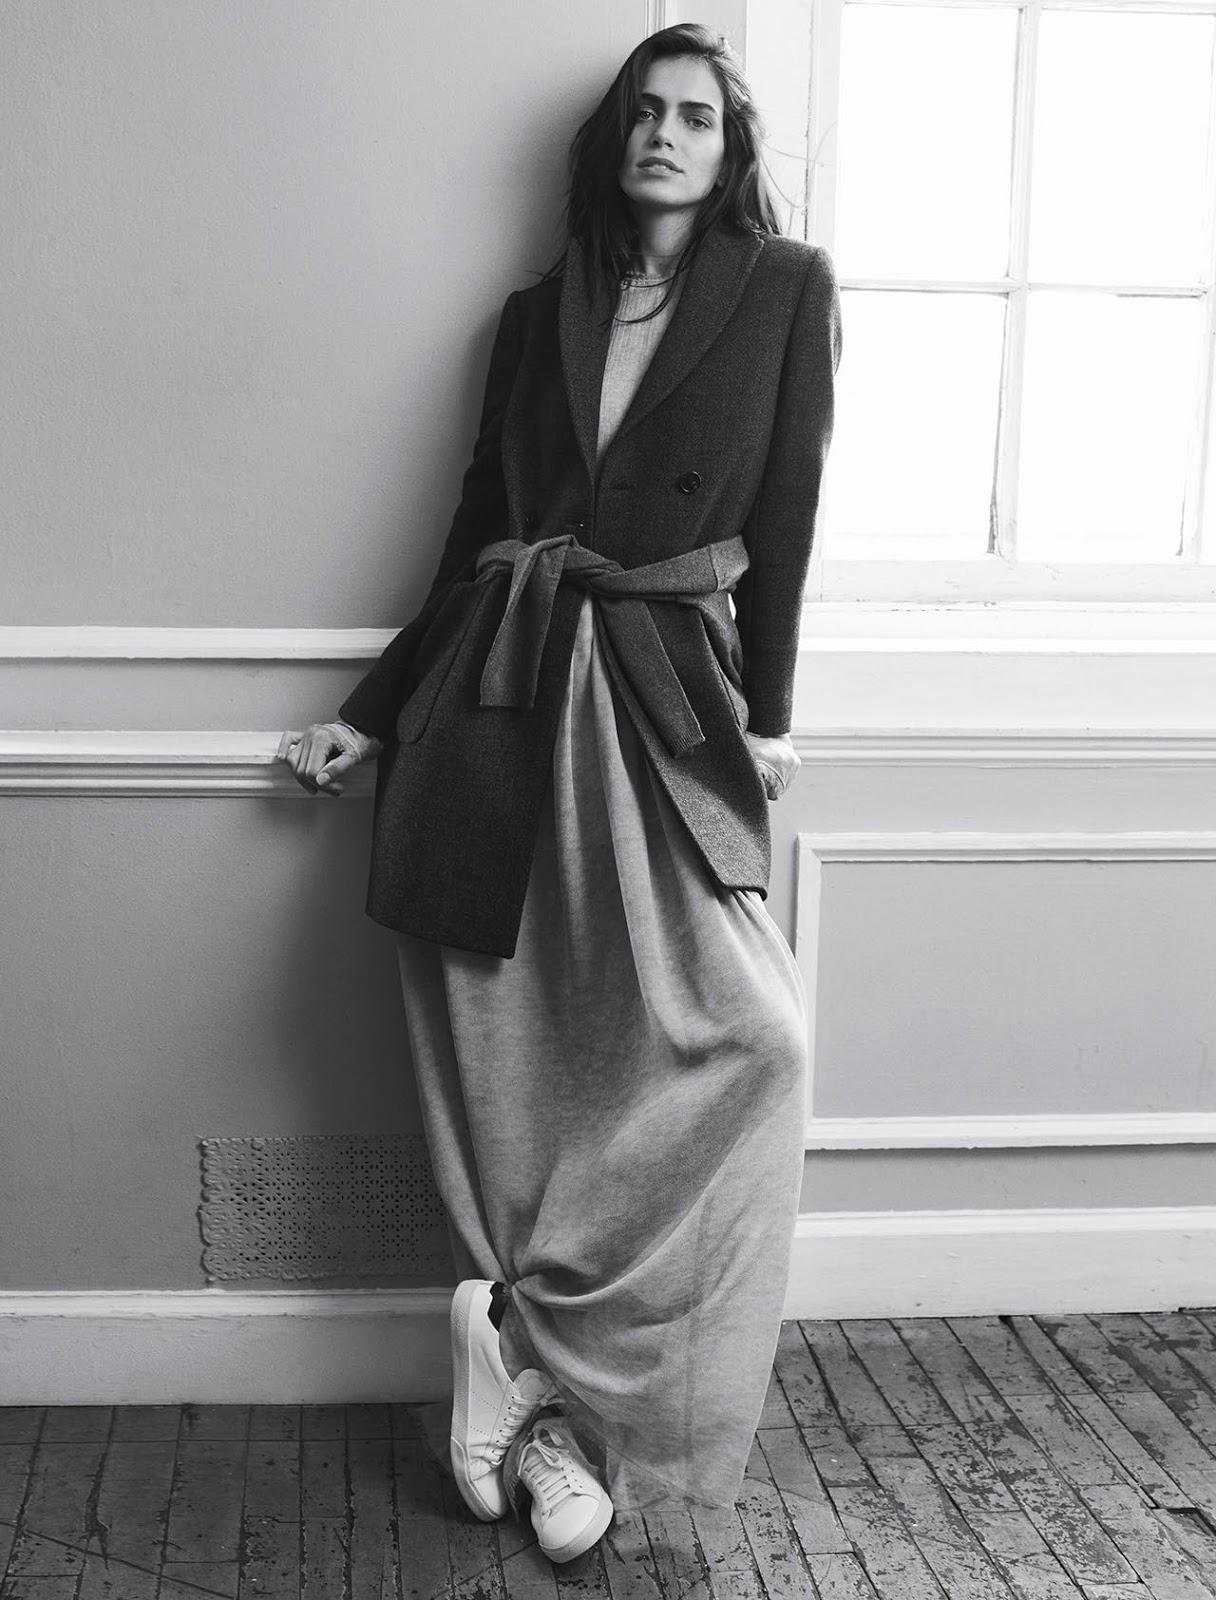 Amanda Wellsh for Vogue Spain September 2014 by Benny Horne (9)